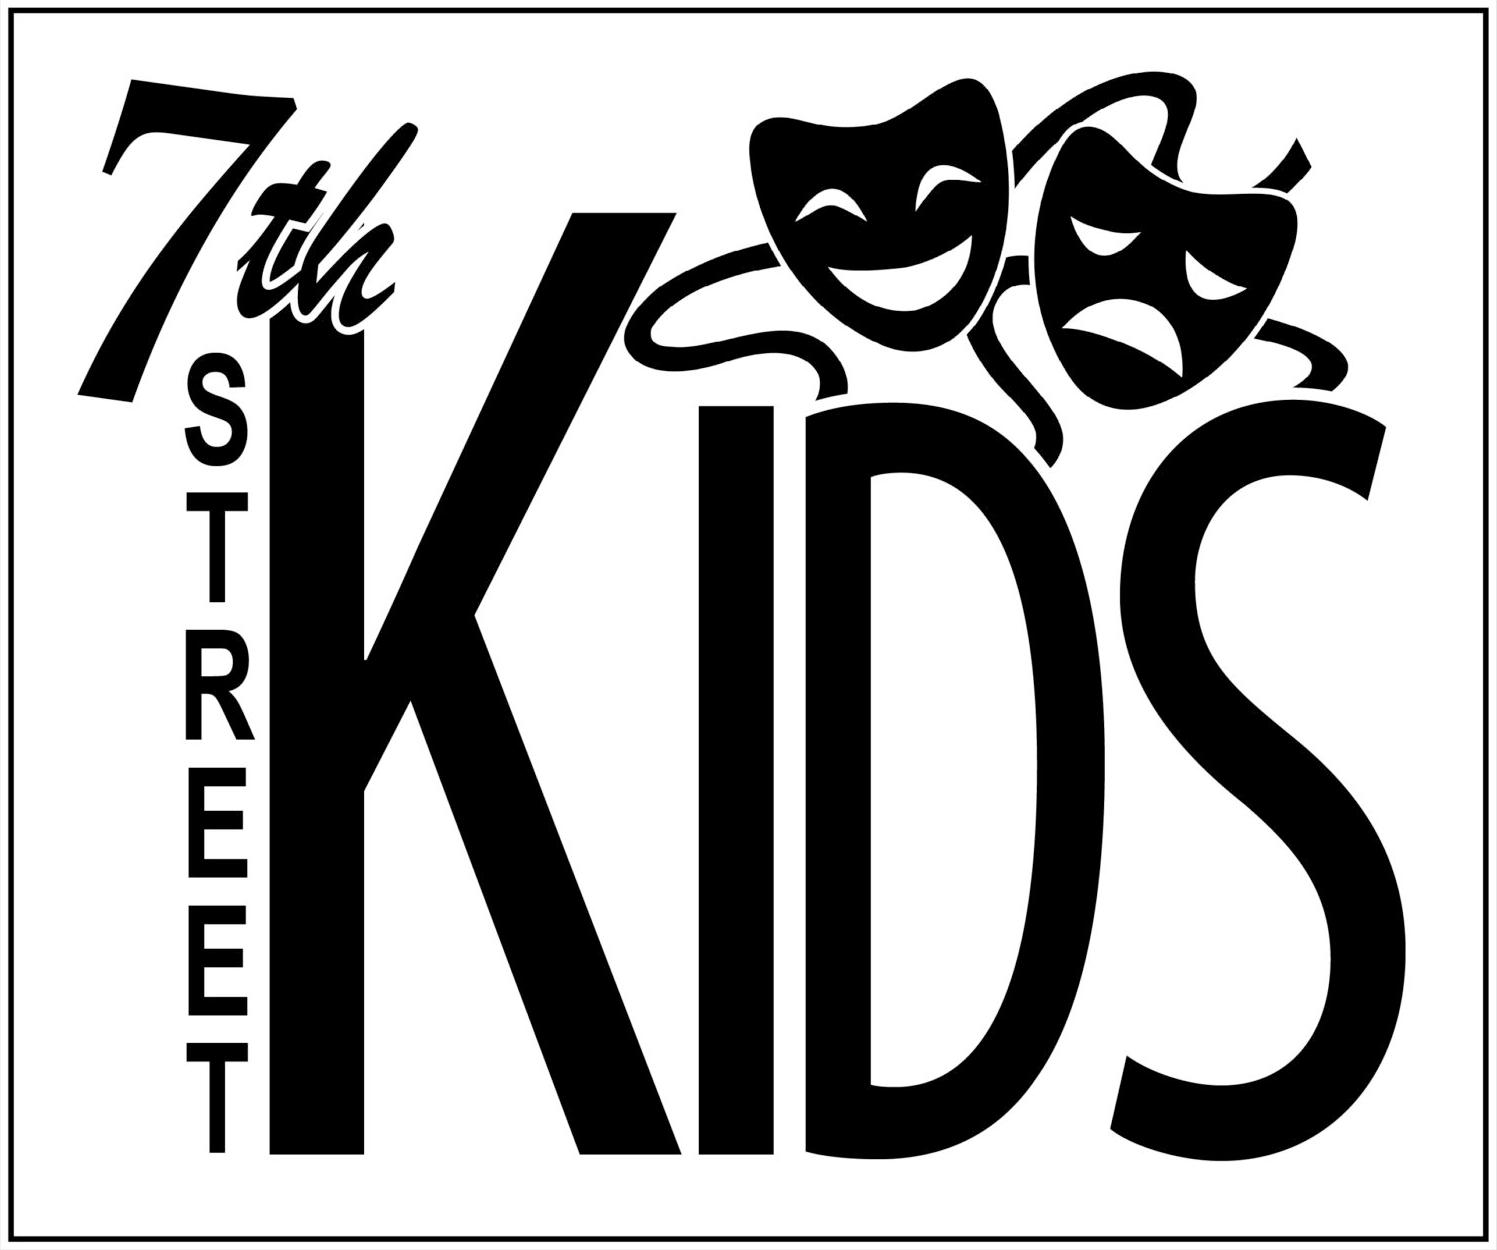 7th Street Kids